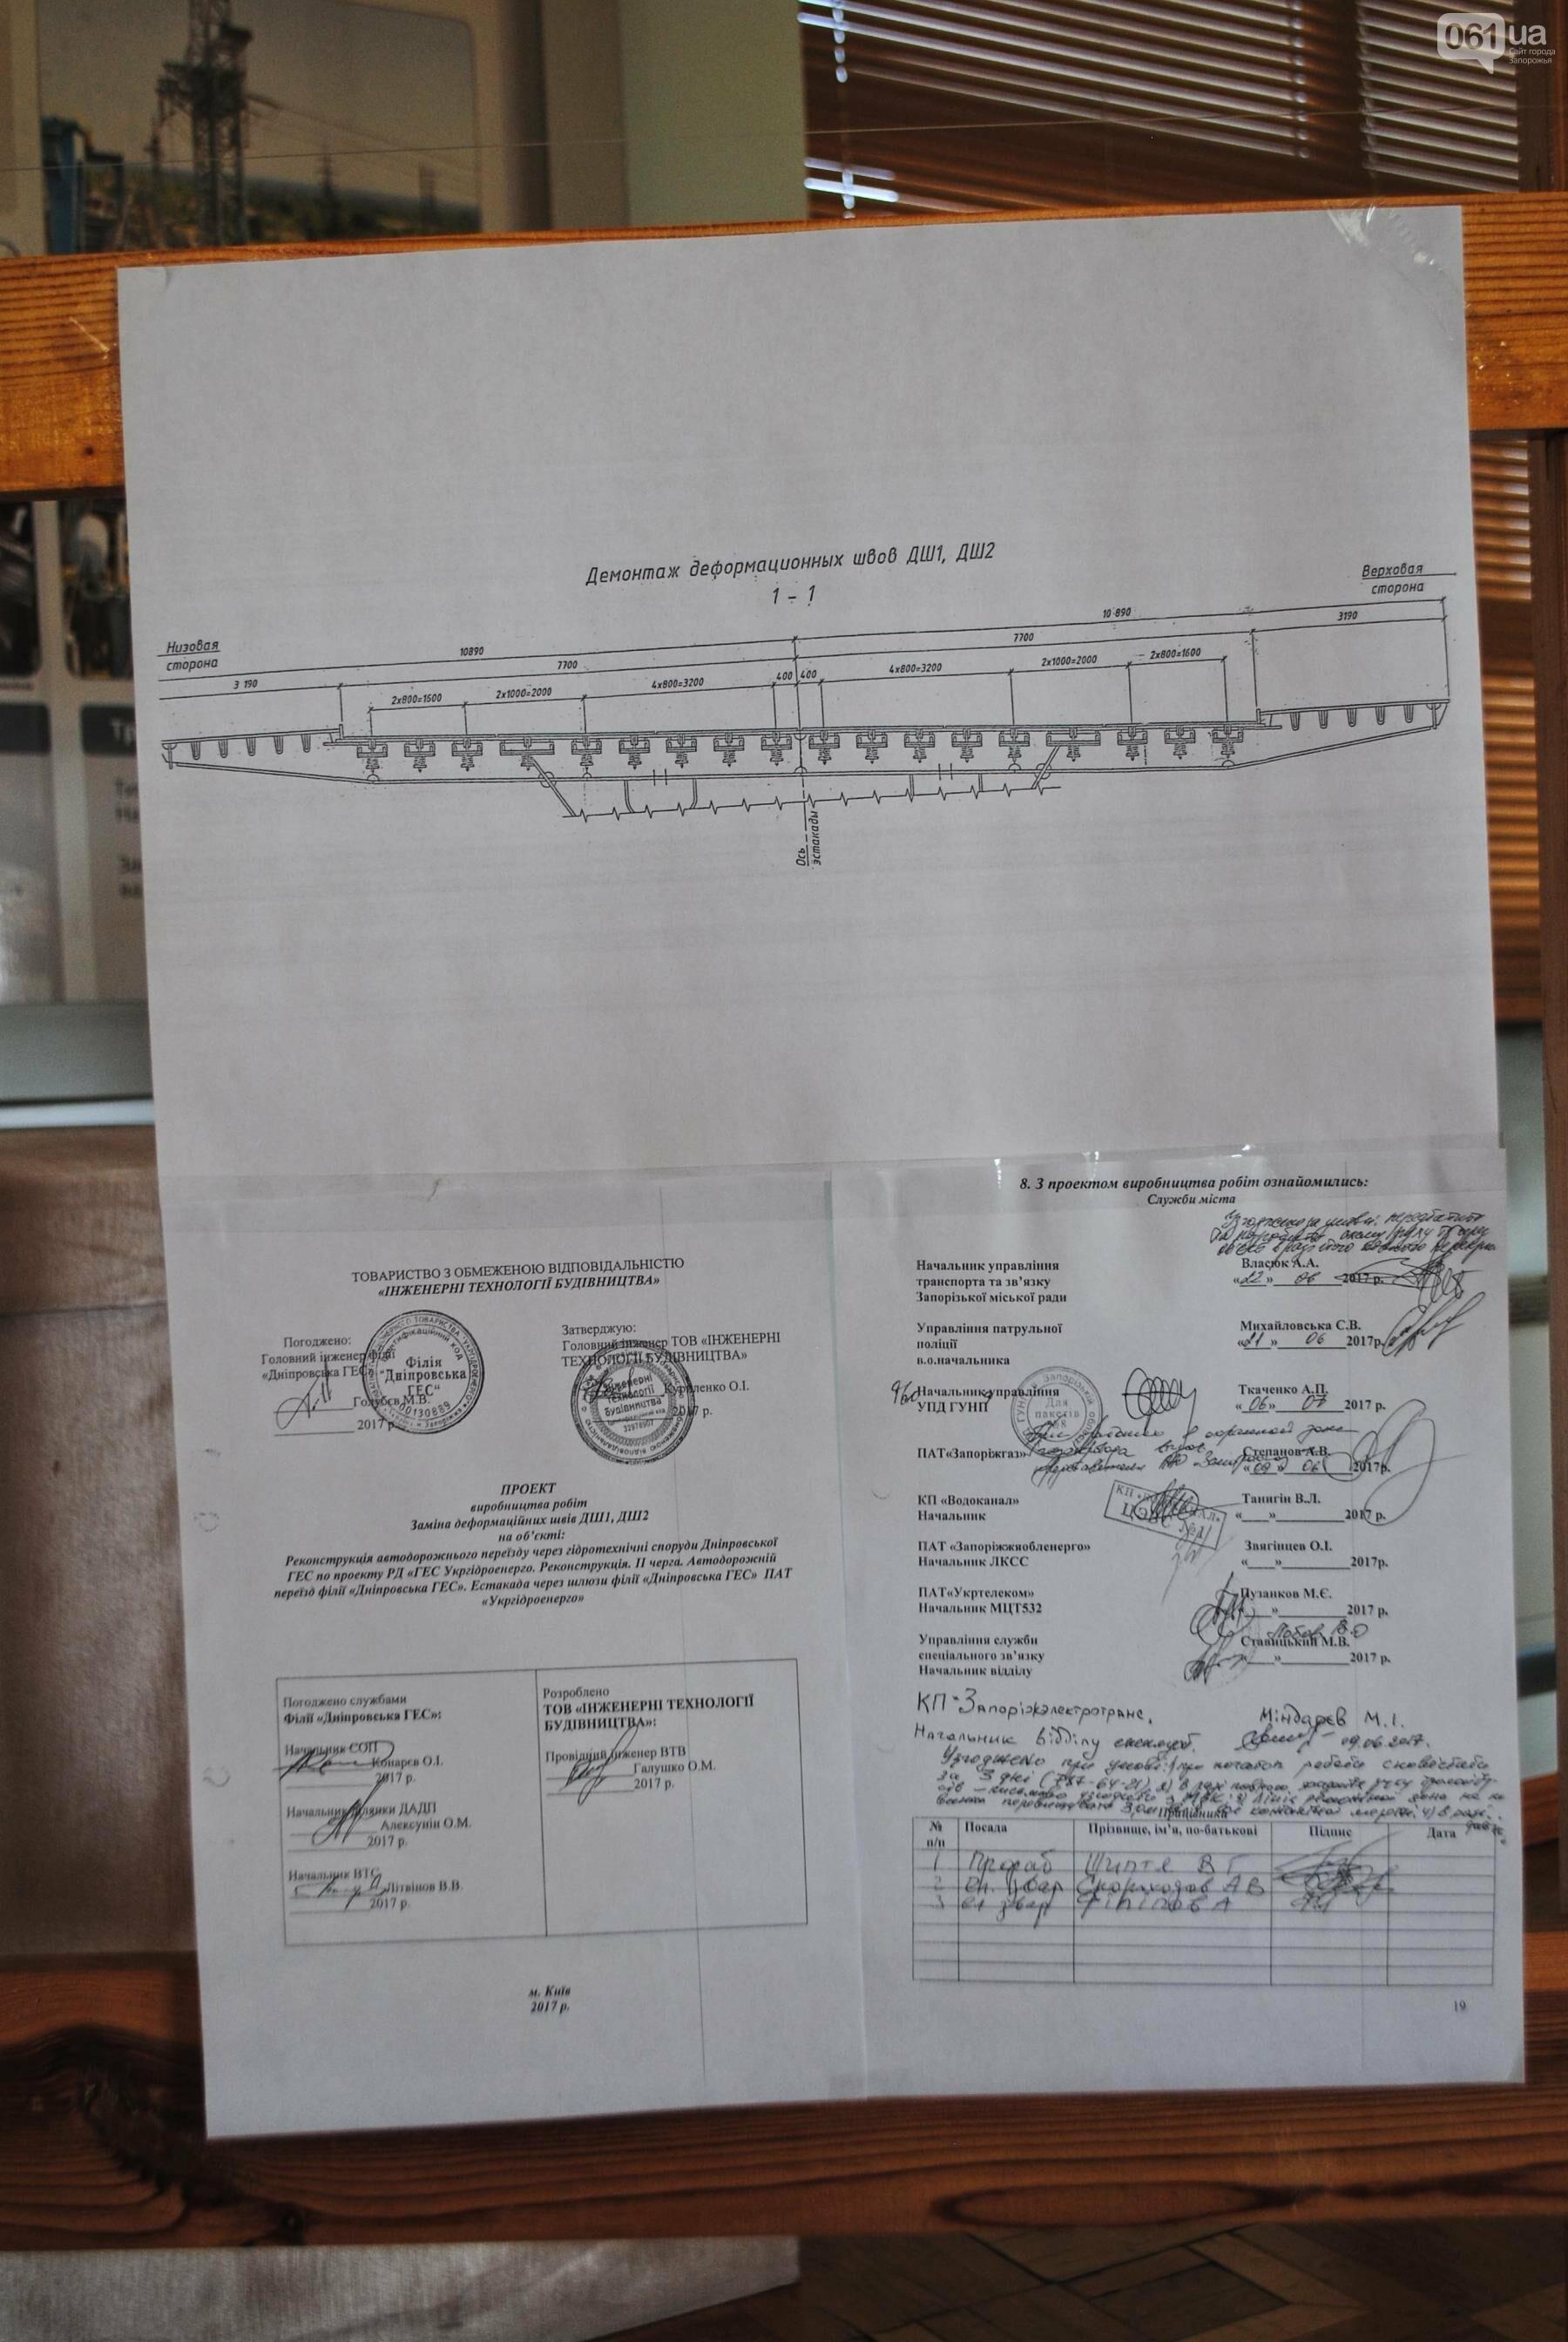 Через неделю стартует масштабный ремонт ДнепроГЭСа: что нужно знать запорожцам, фото-7